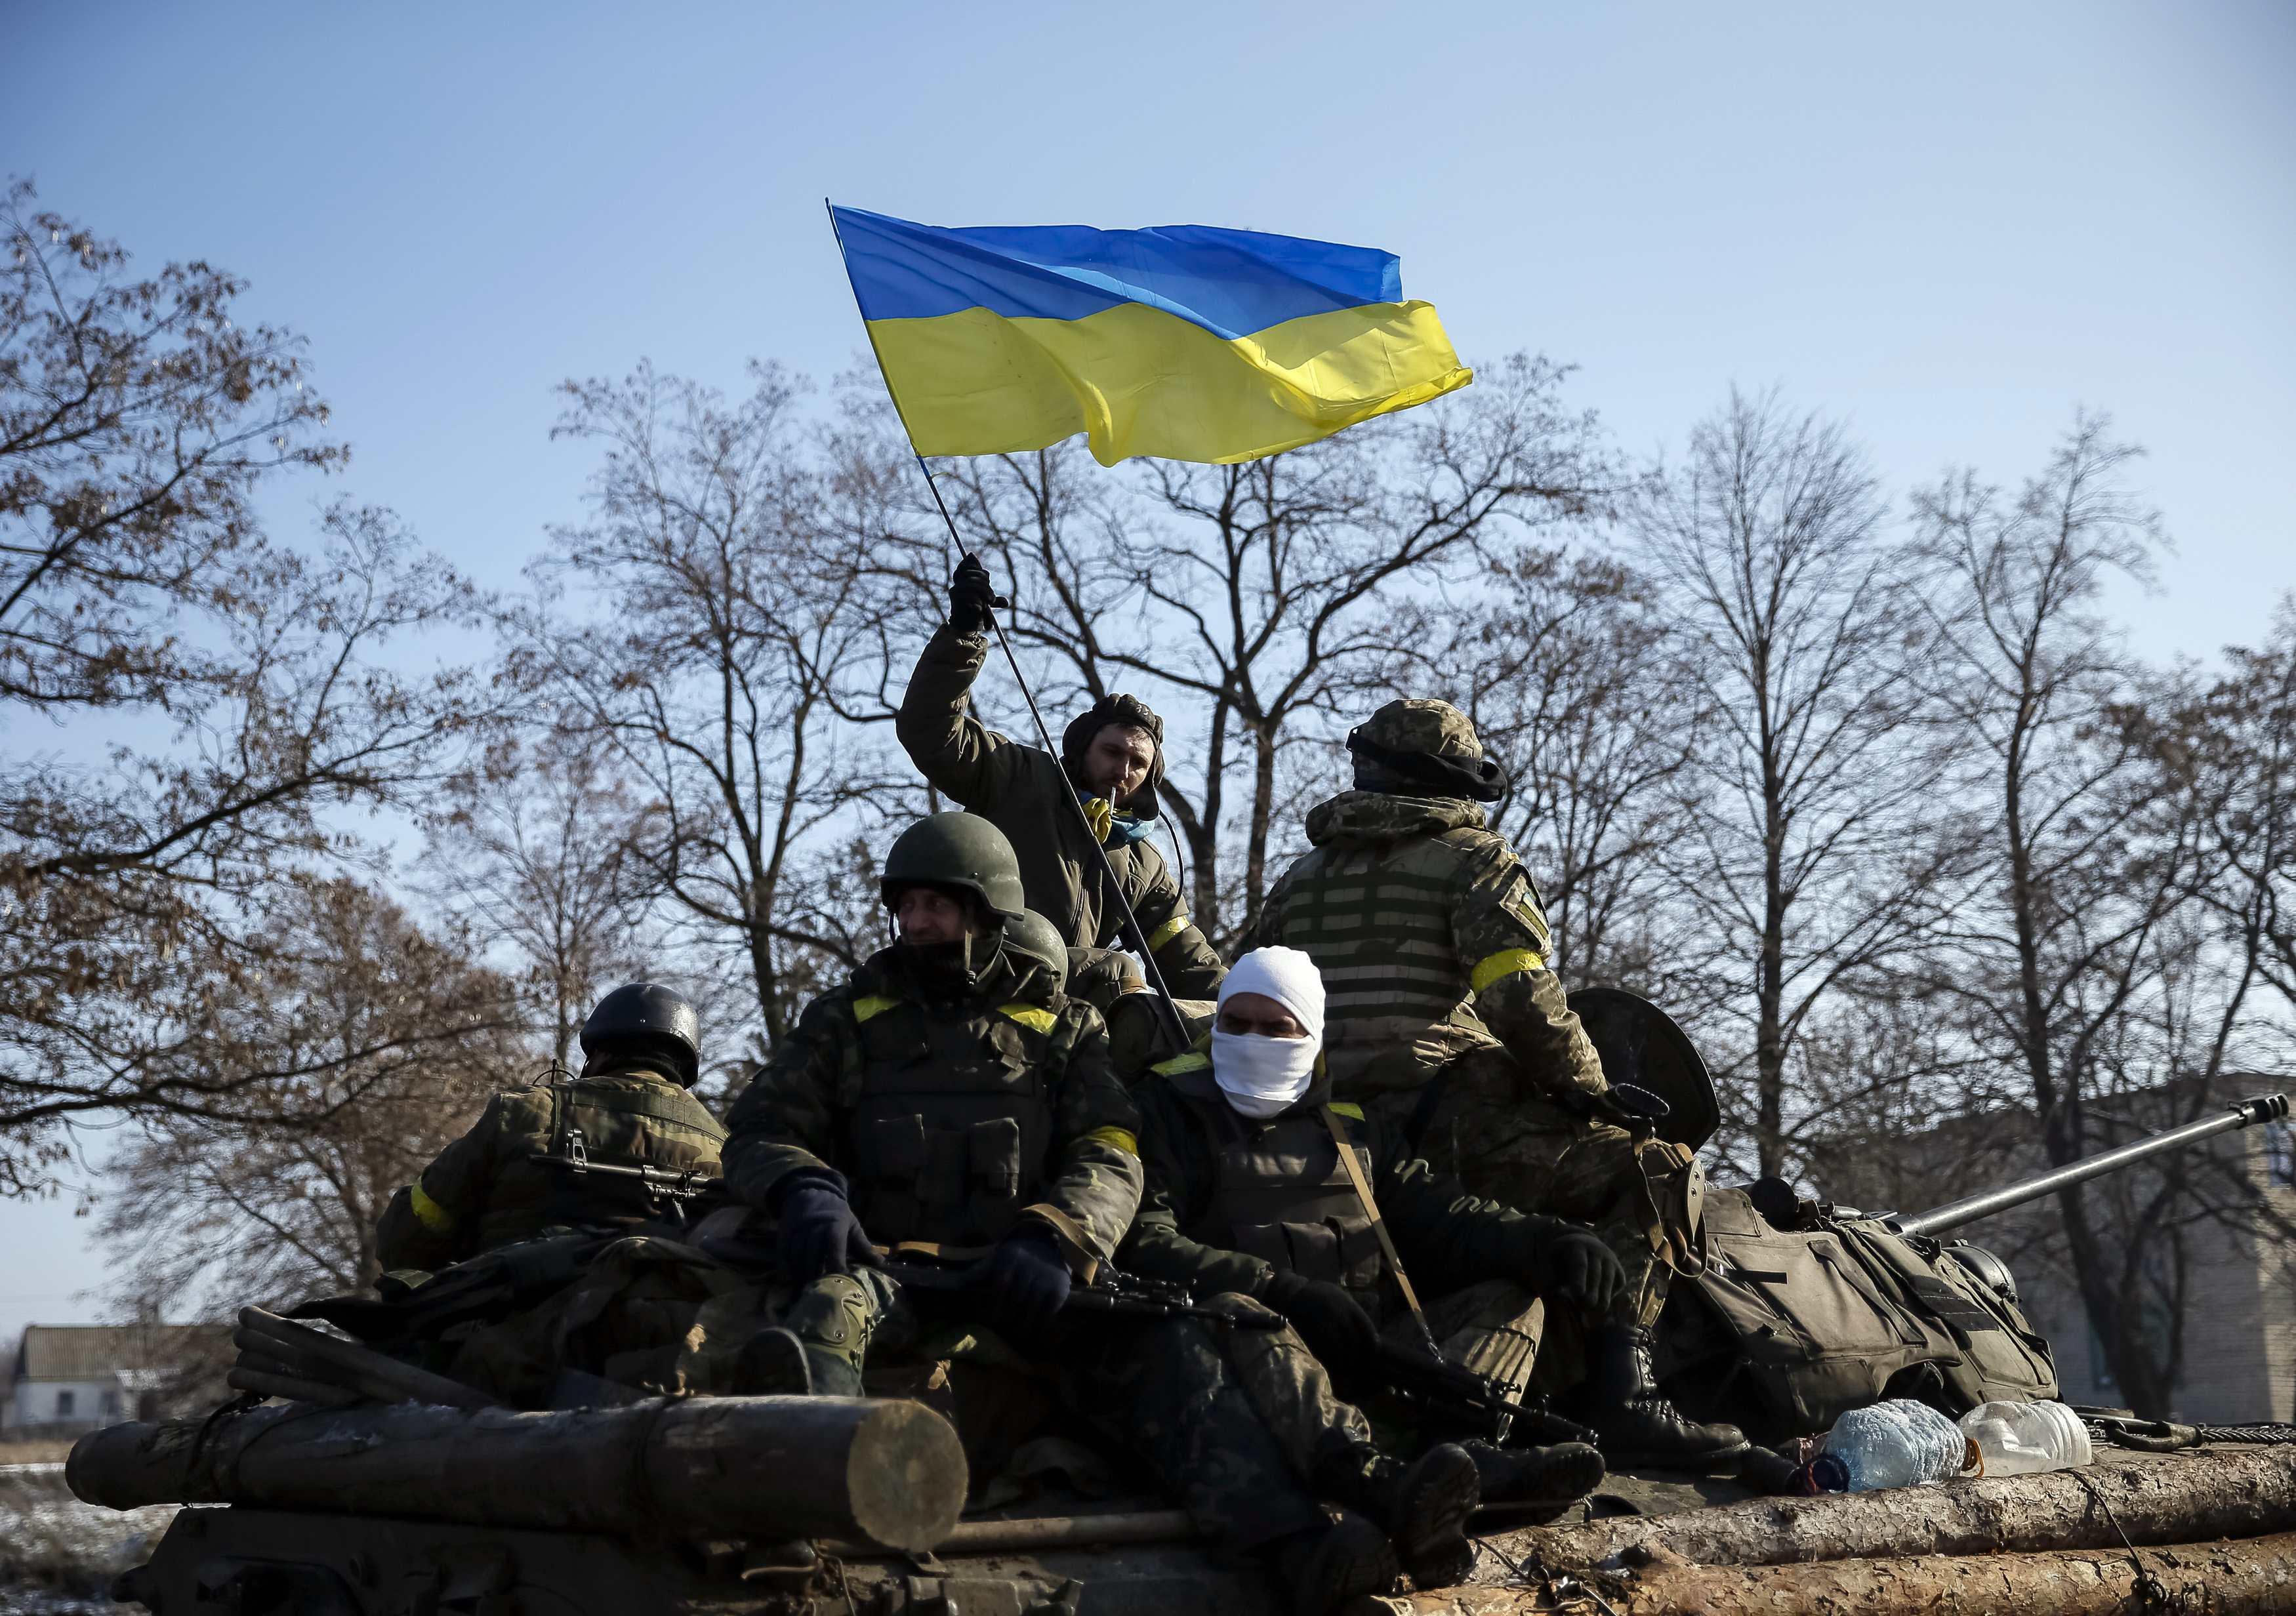 Фото военных действий на востоке украины науки признает